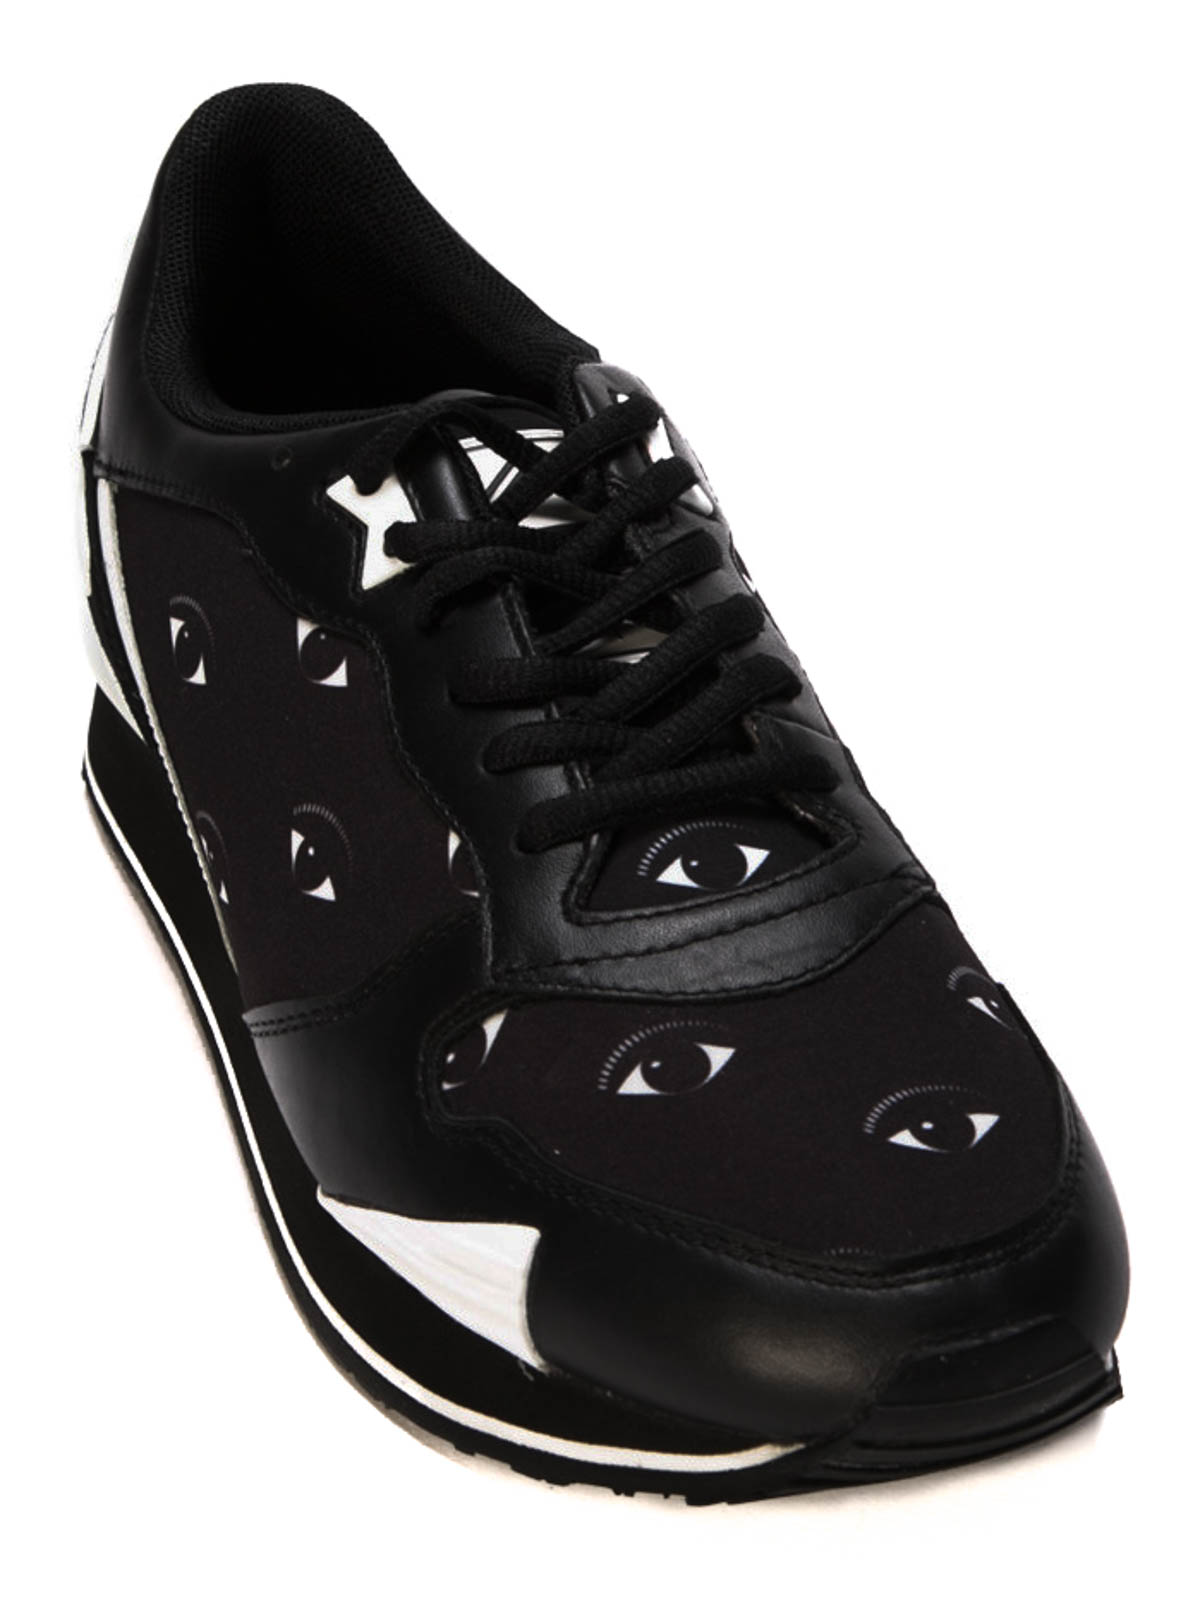 Kenzo - Eyes sneakers - trainers